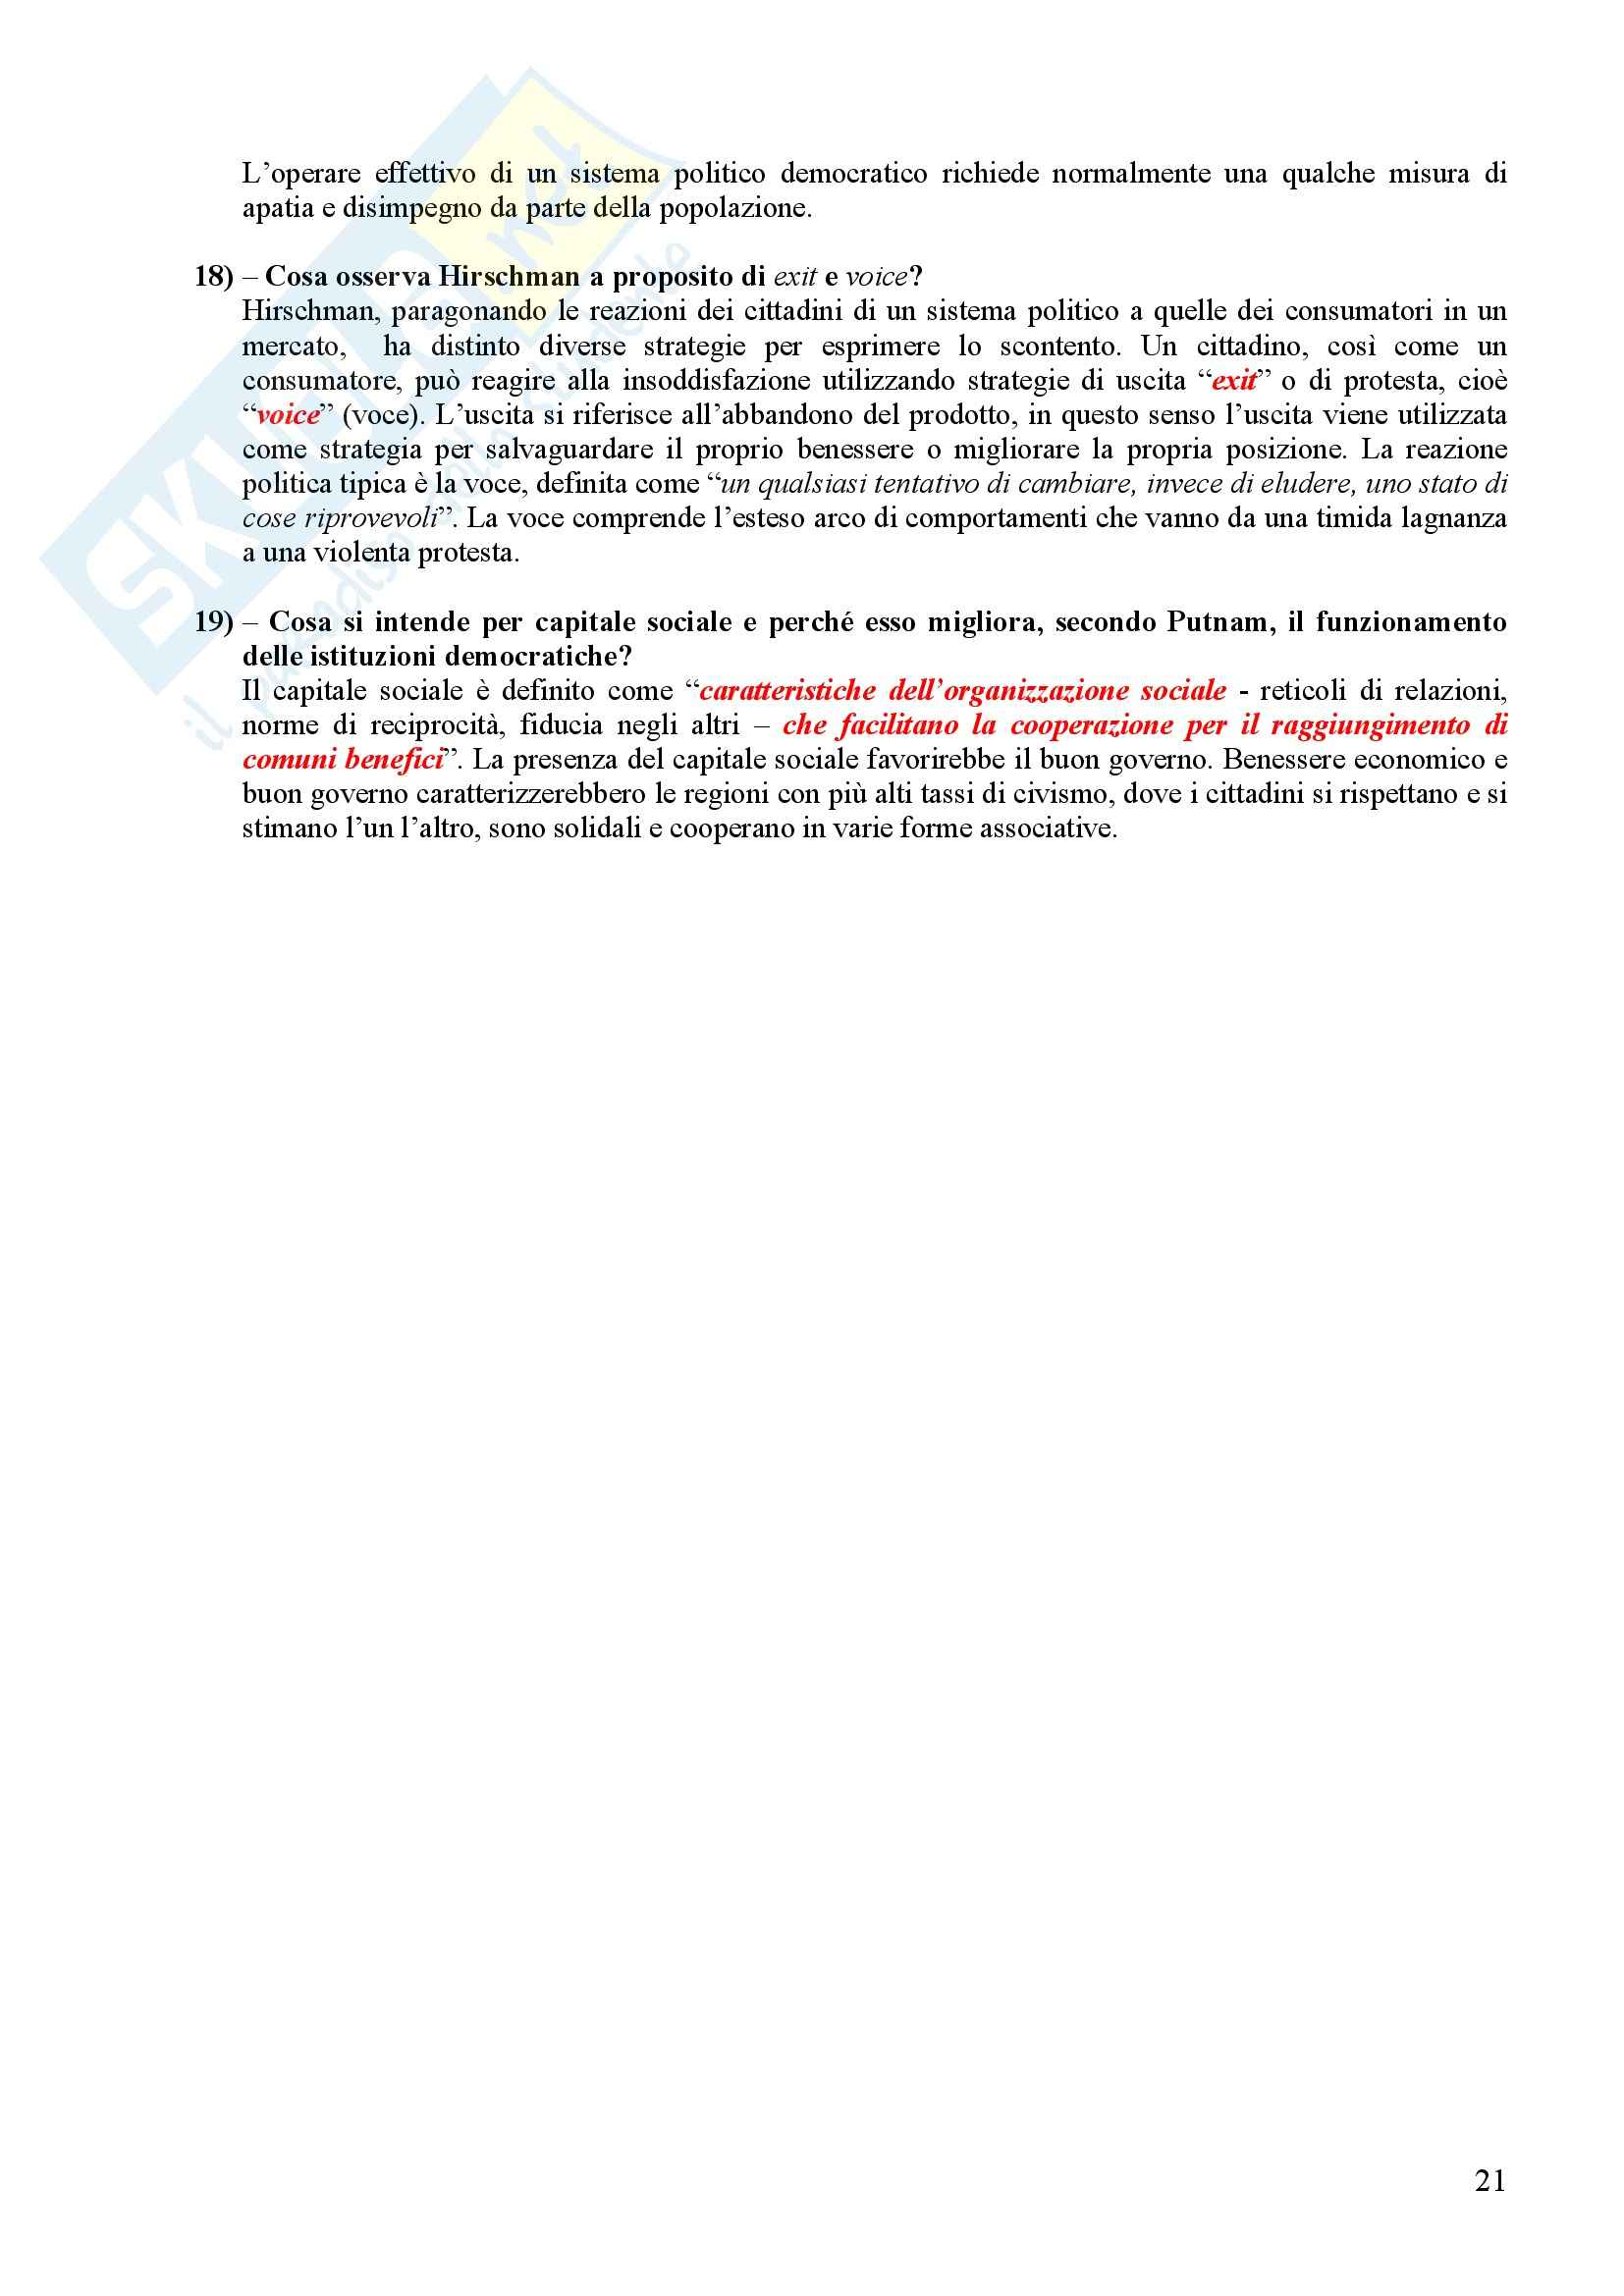 Scienza politica - Domande e risposte Pag. 21